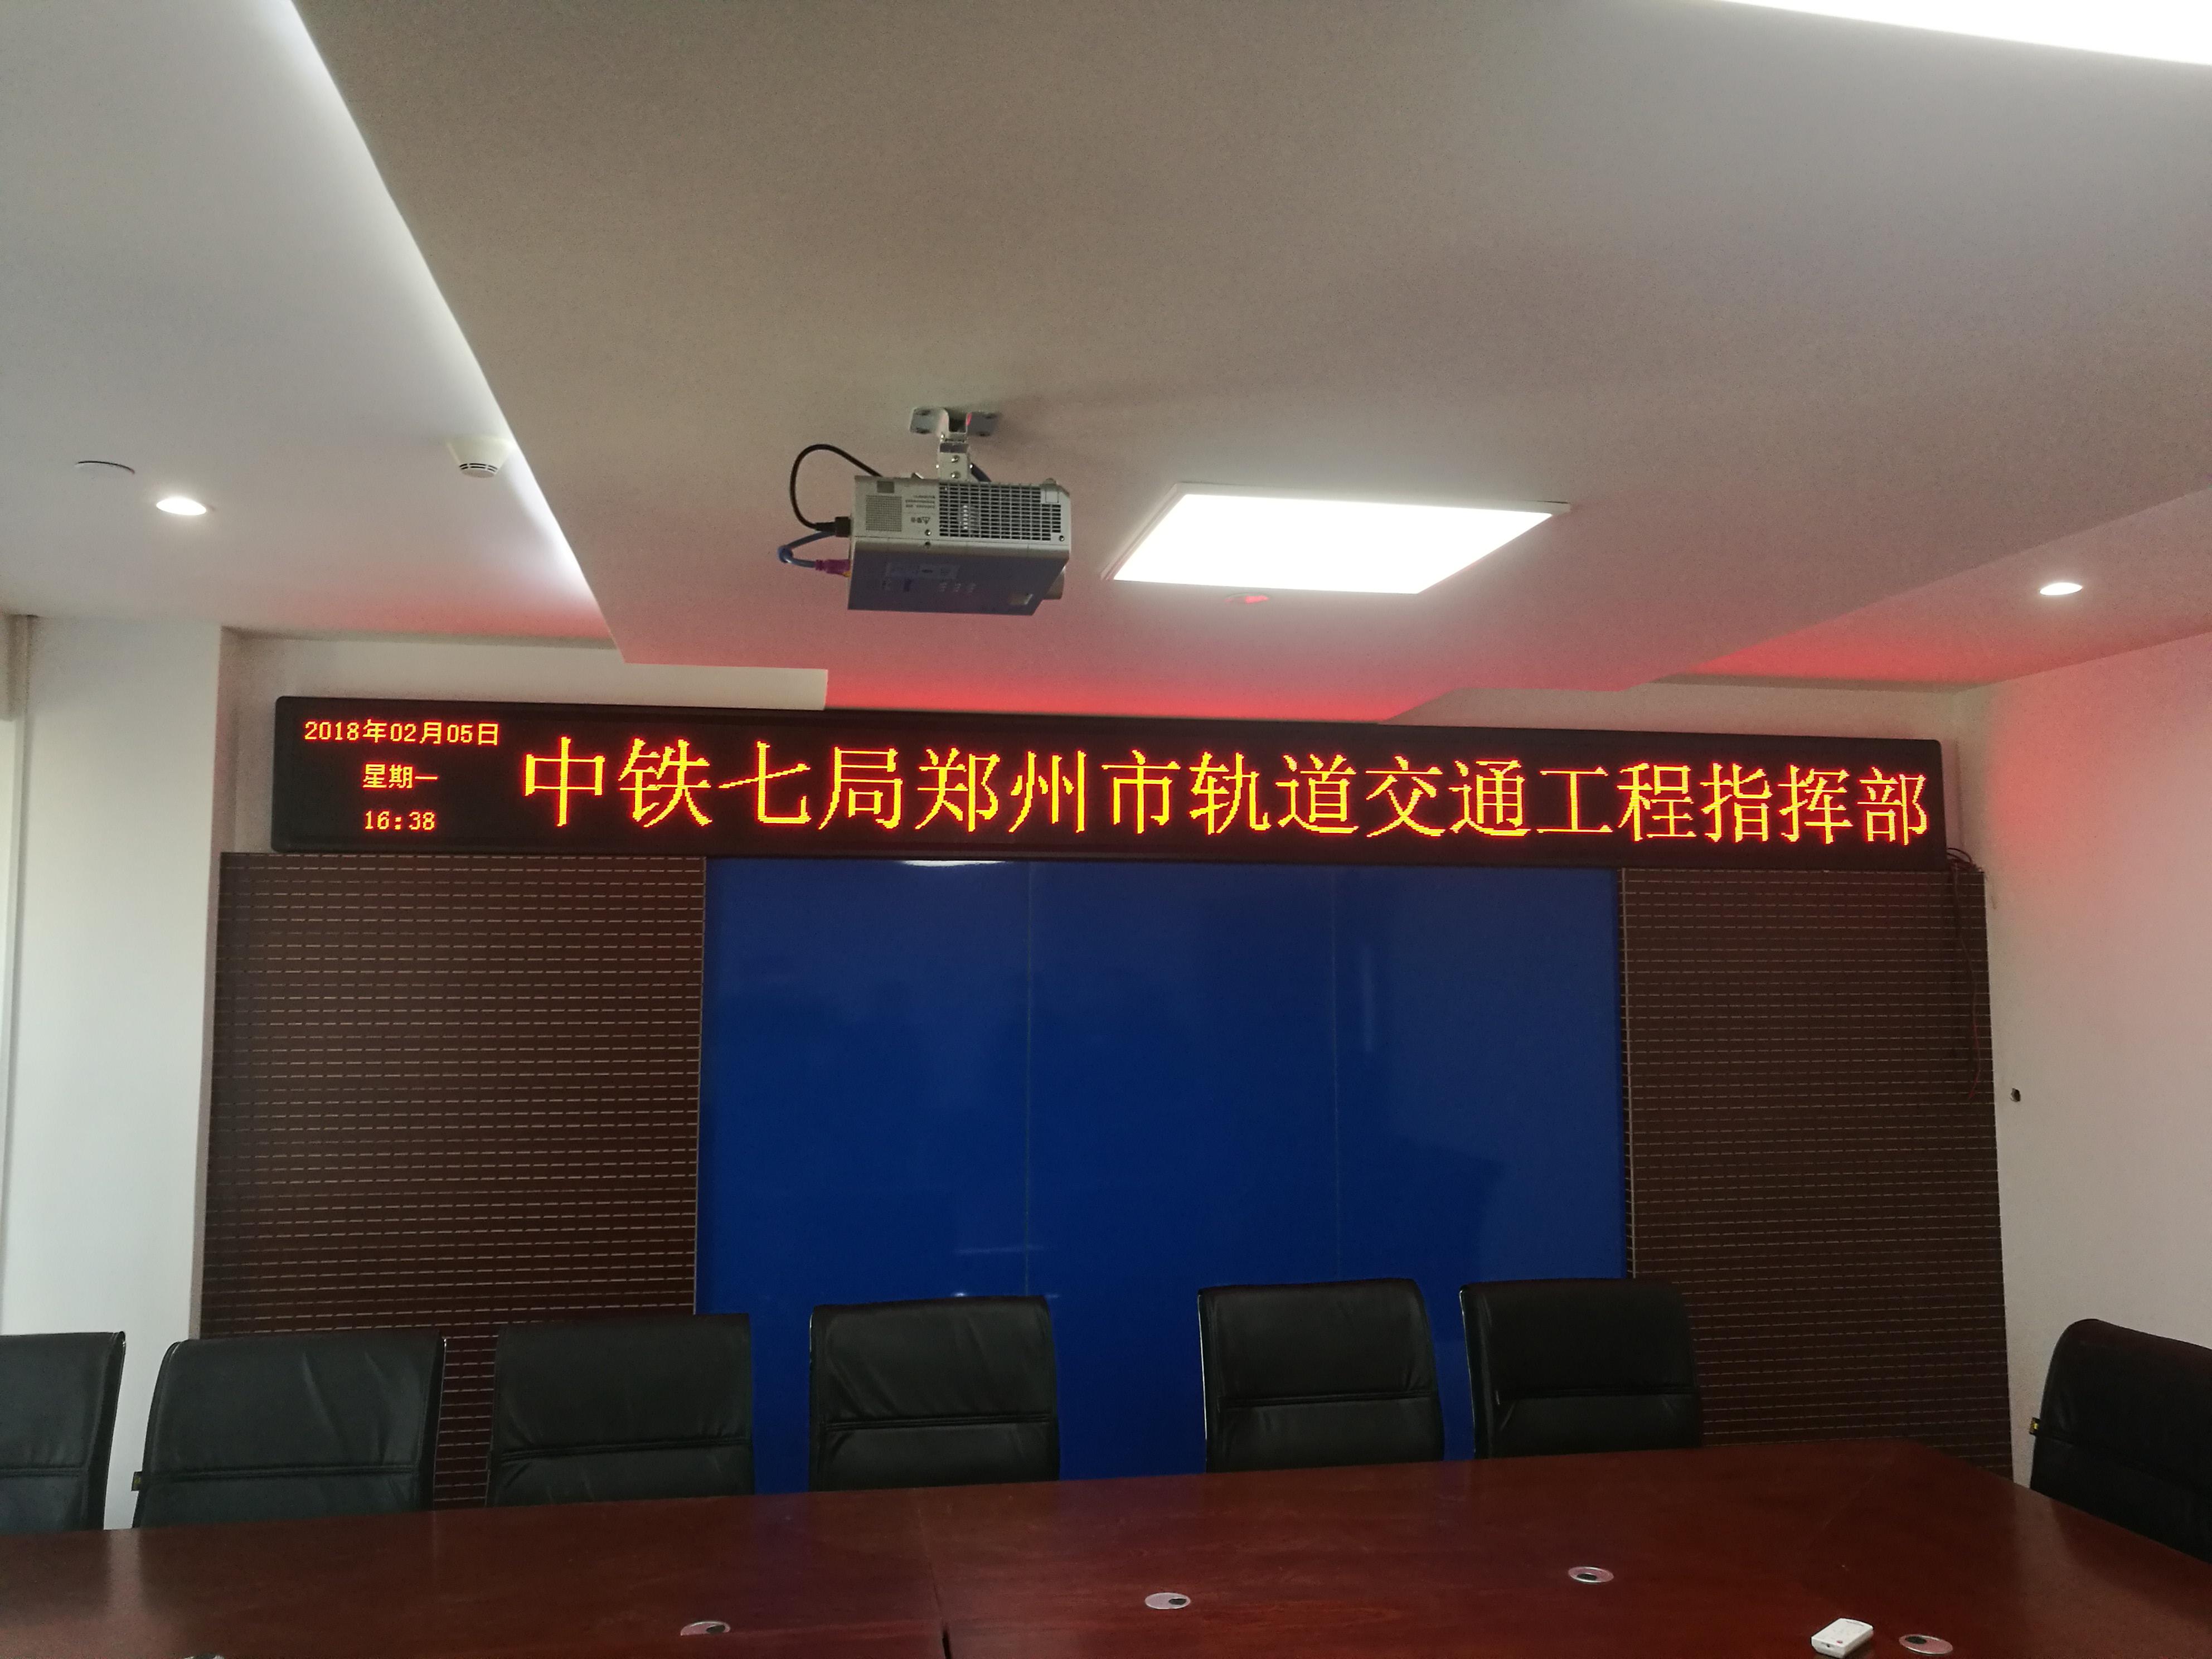 中铁七局室内3.75单色会标屏幕